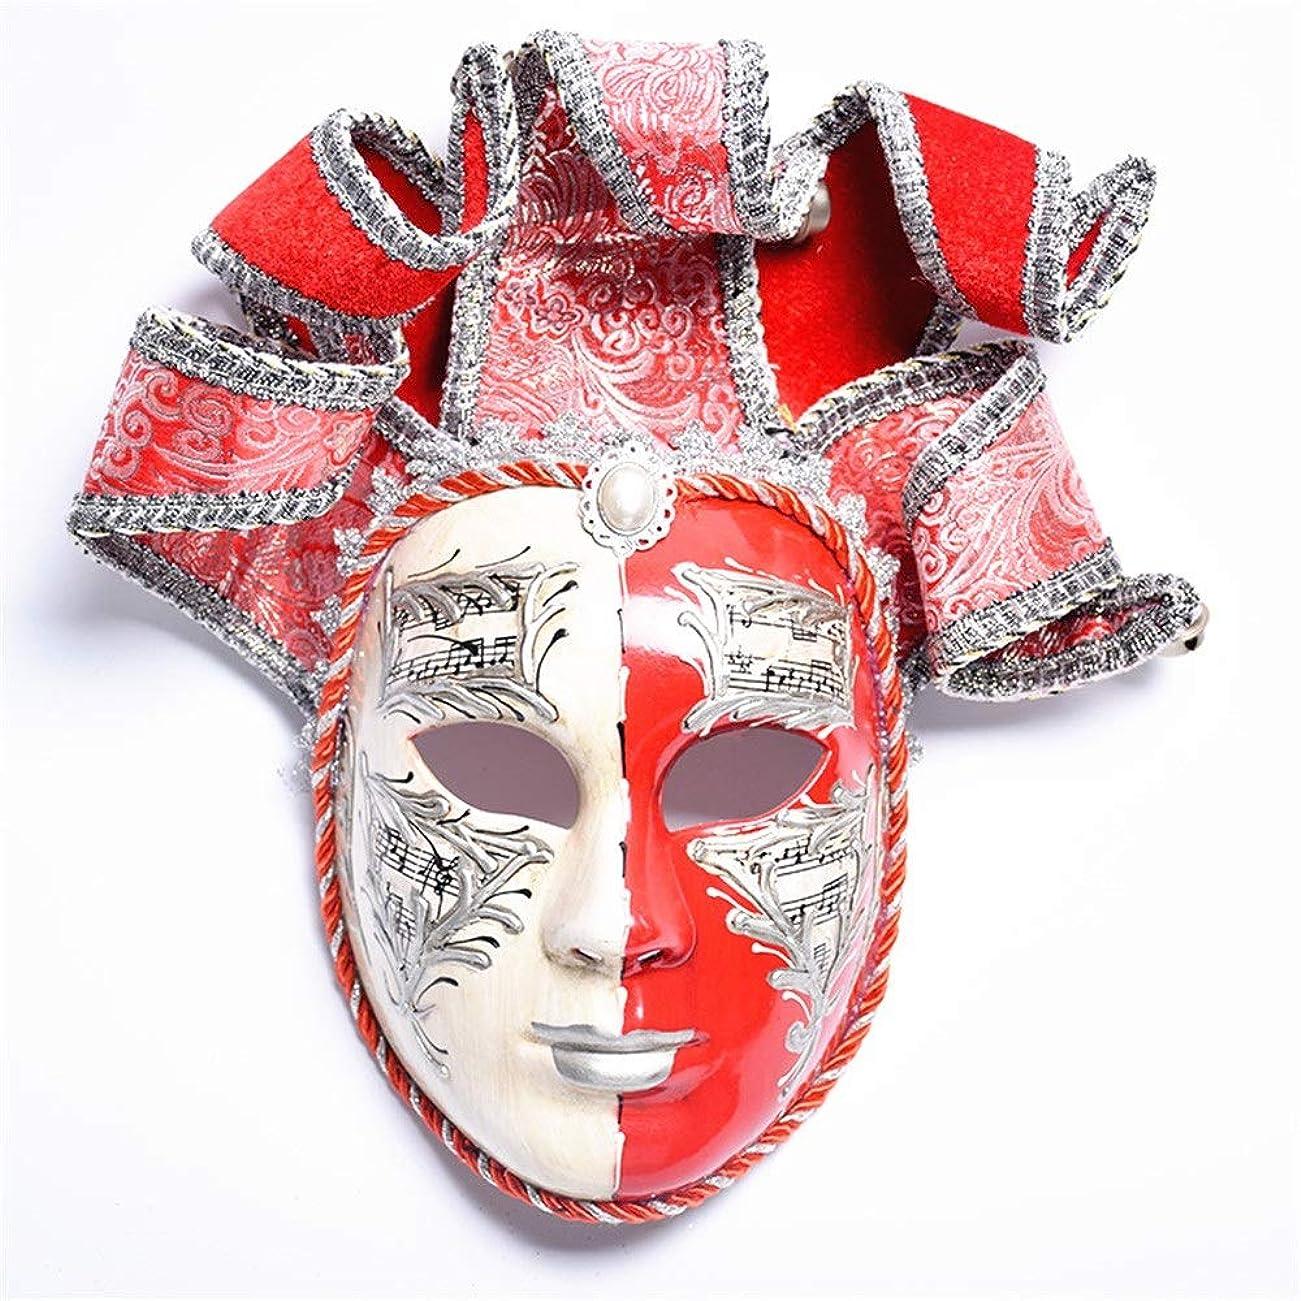 満了不安定吐き出すダンスマスク パーティーマスクフェスティバルコスプレハロウィン仮装フルフェイスマスクエッセンスナイトクラブパーティープラスチックマスクガールビューティーレディース ホリデーパーティー用品 (色 : Red+Silver, サイズ : 33x31cm)